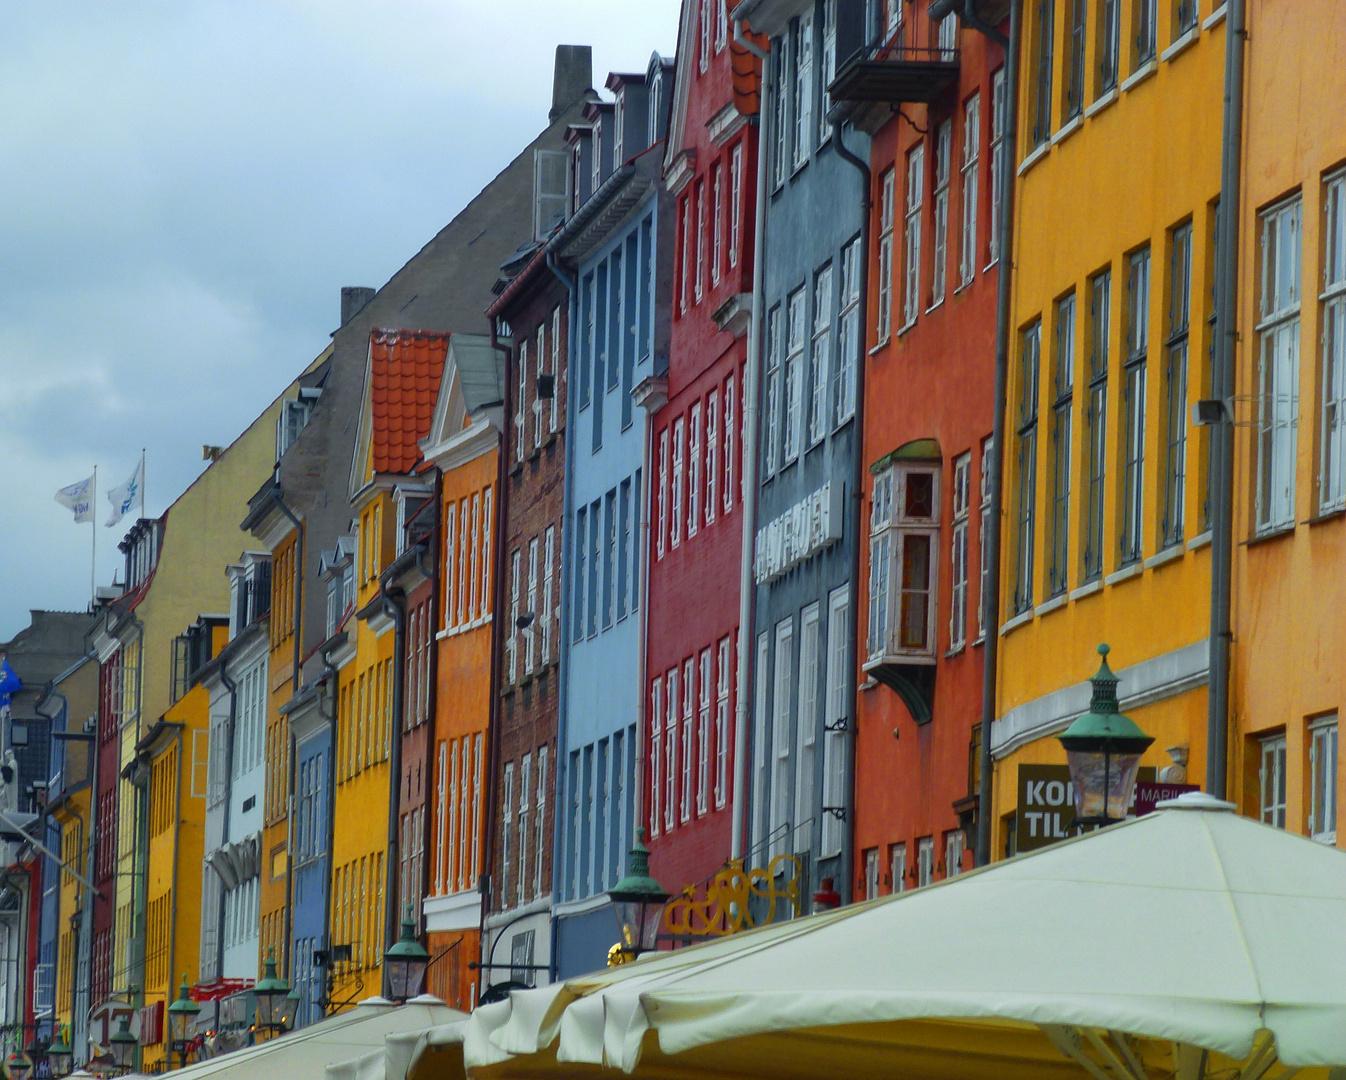 bunte Häuser am alten Hafen von Kopenhagen